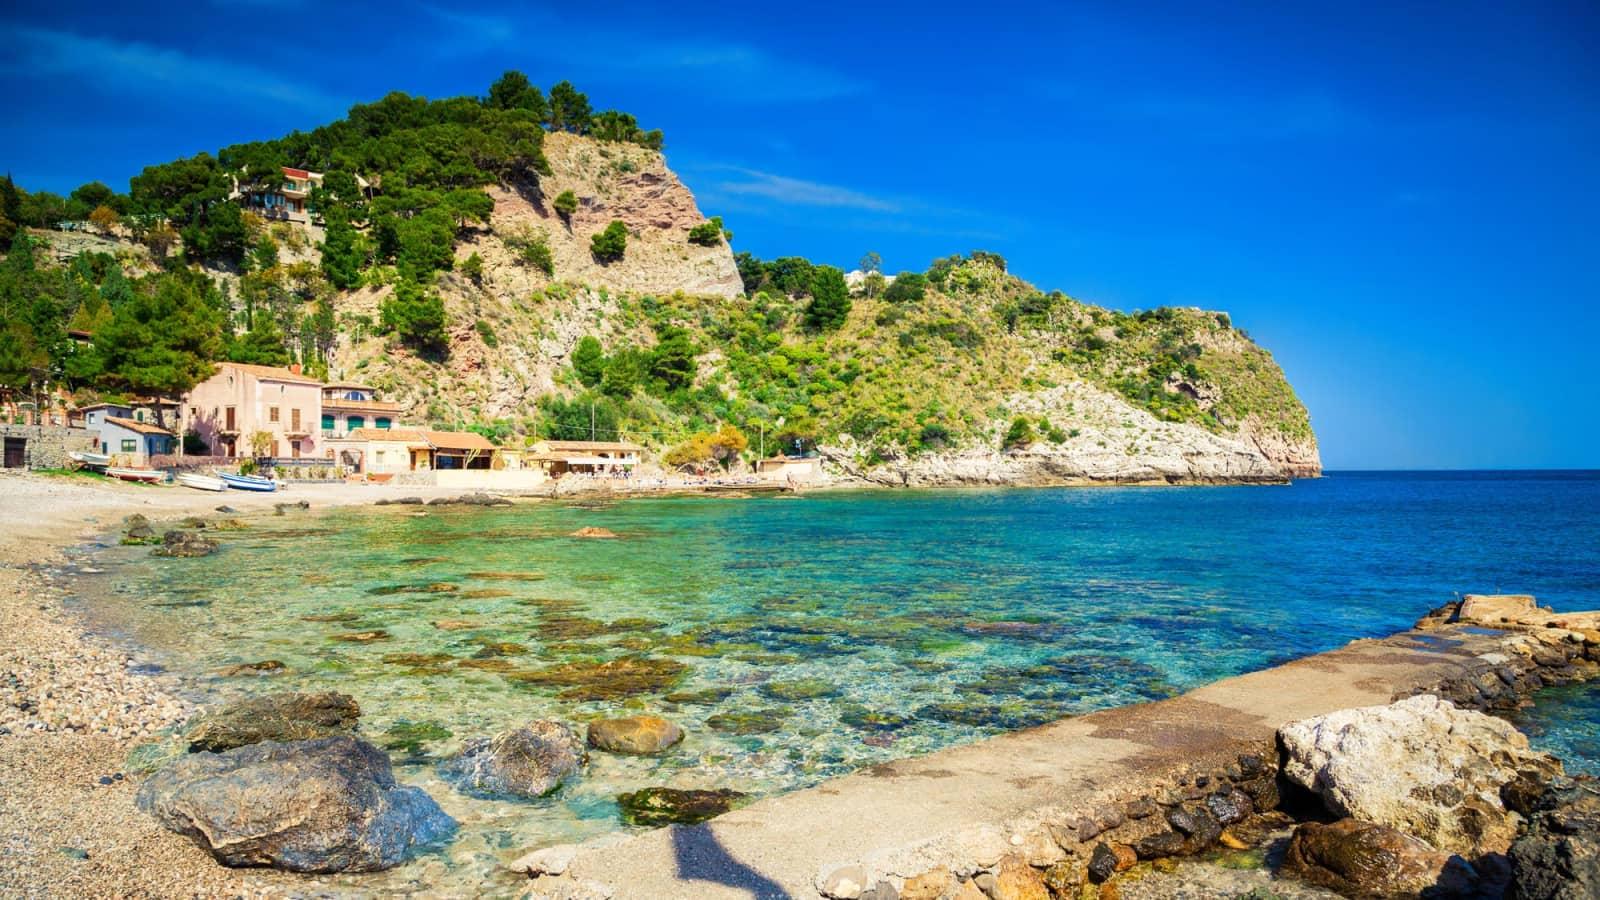 Holidays To Taormina Sicily Topflight Ireland S